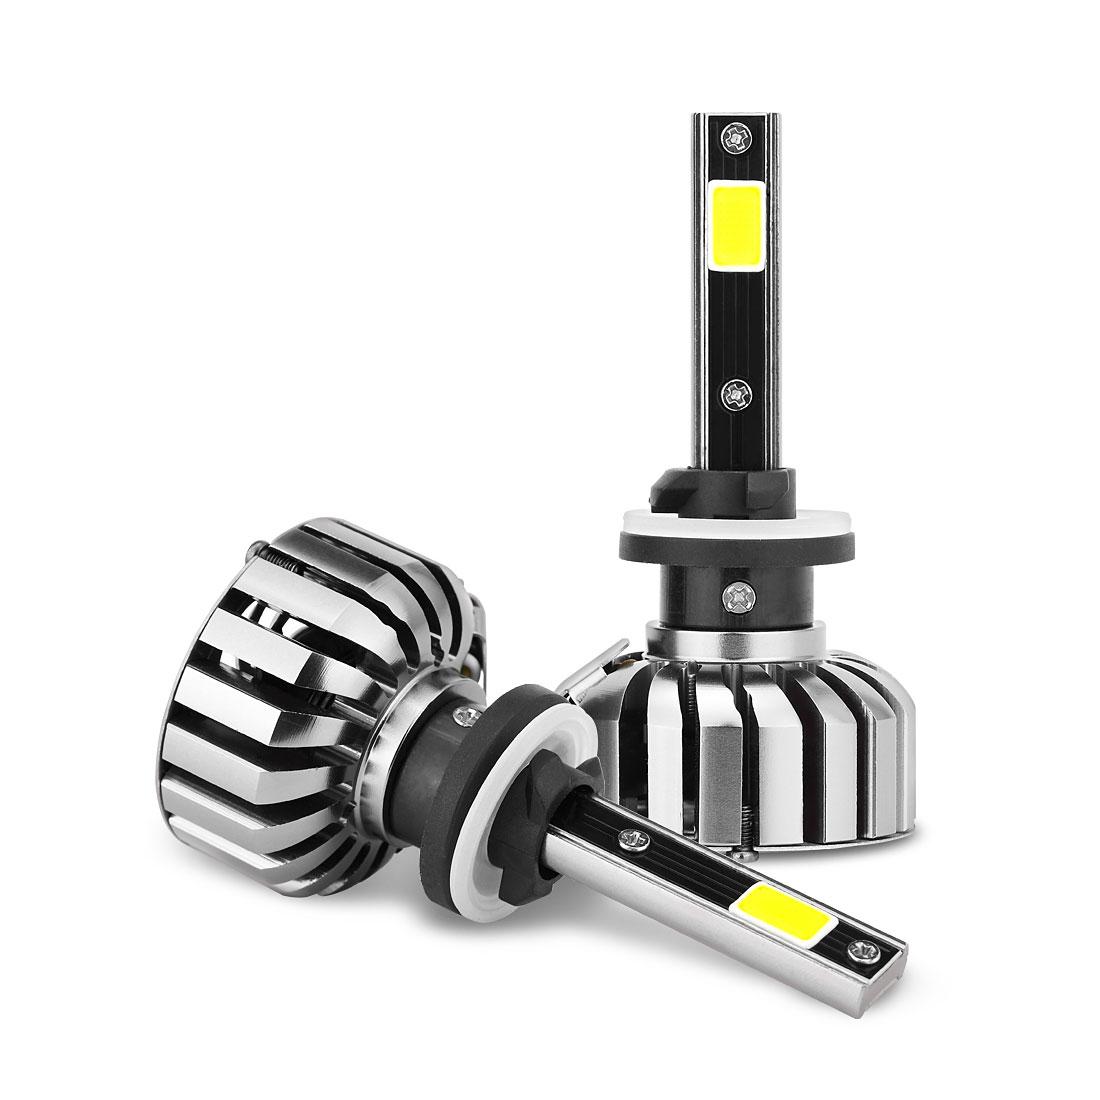 2pcs 40W 880 LED Headlight Kit 6000K 7200LM ETI LED for Headlight Replacement